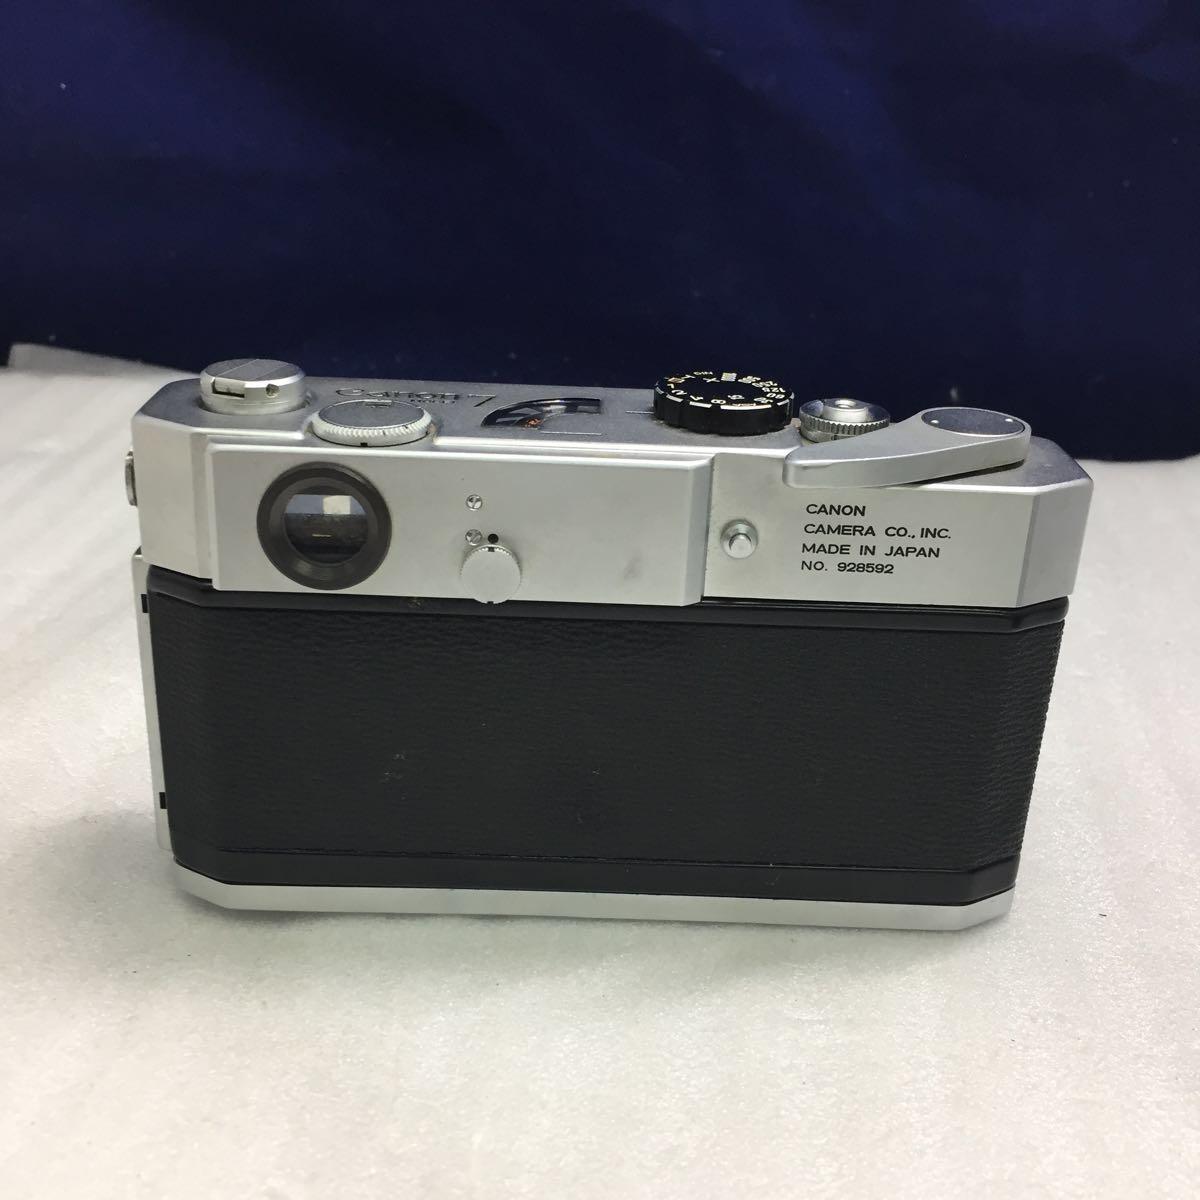 Canon レンジファインダーカメラ Canon 7 レンズ 50mm F0.95 btbt-t_画像6